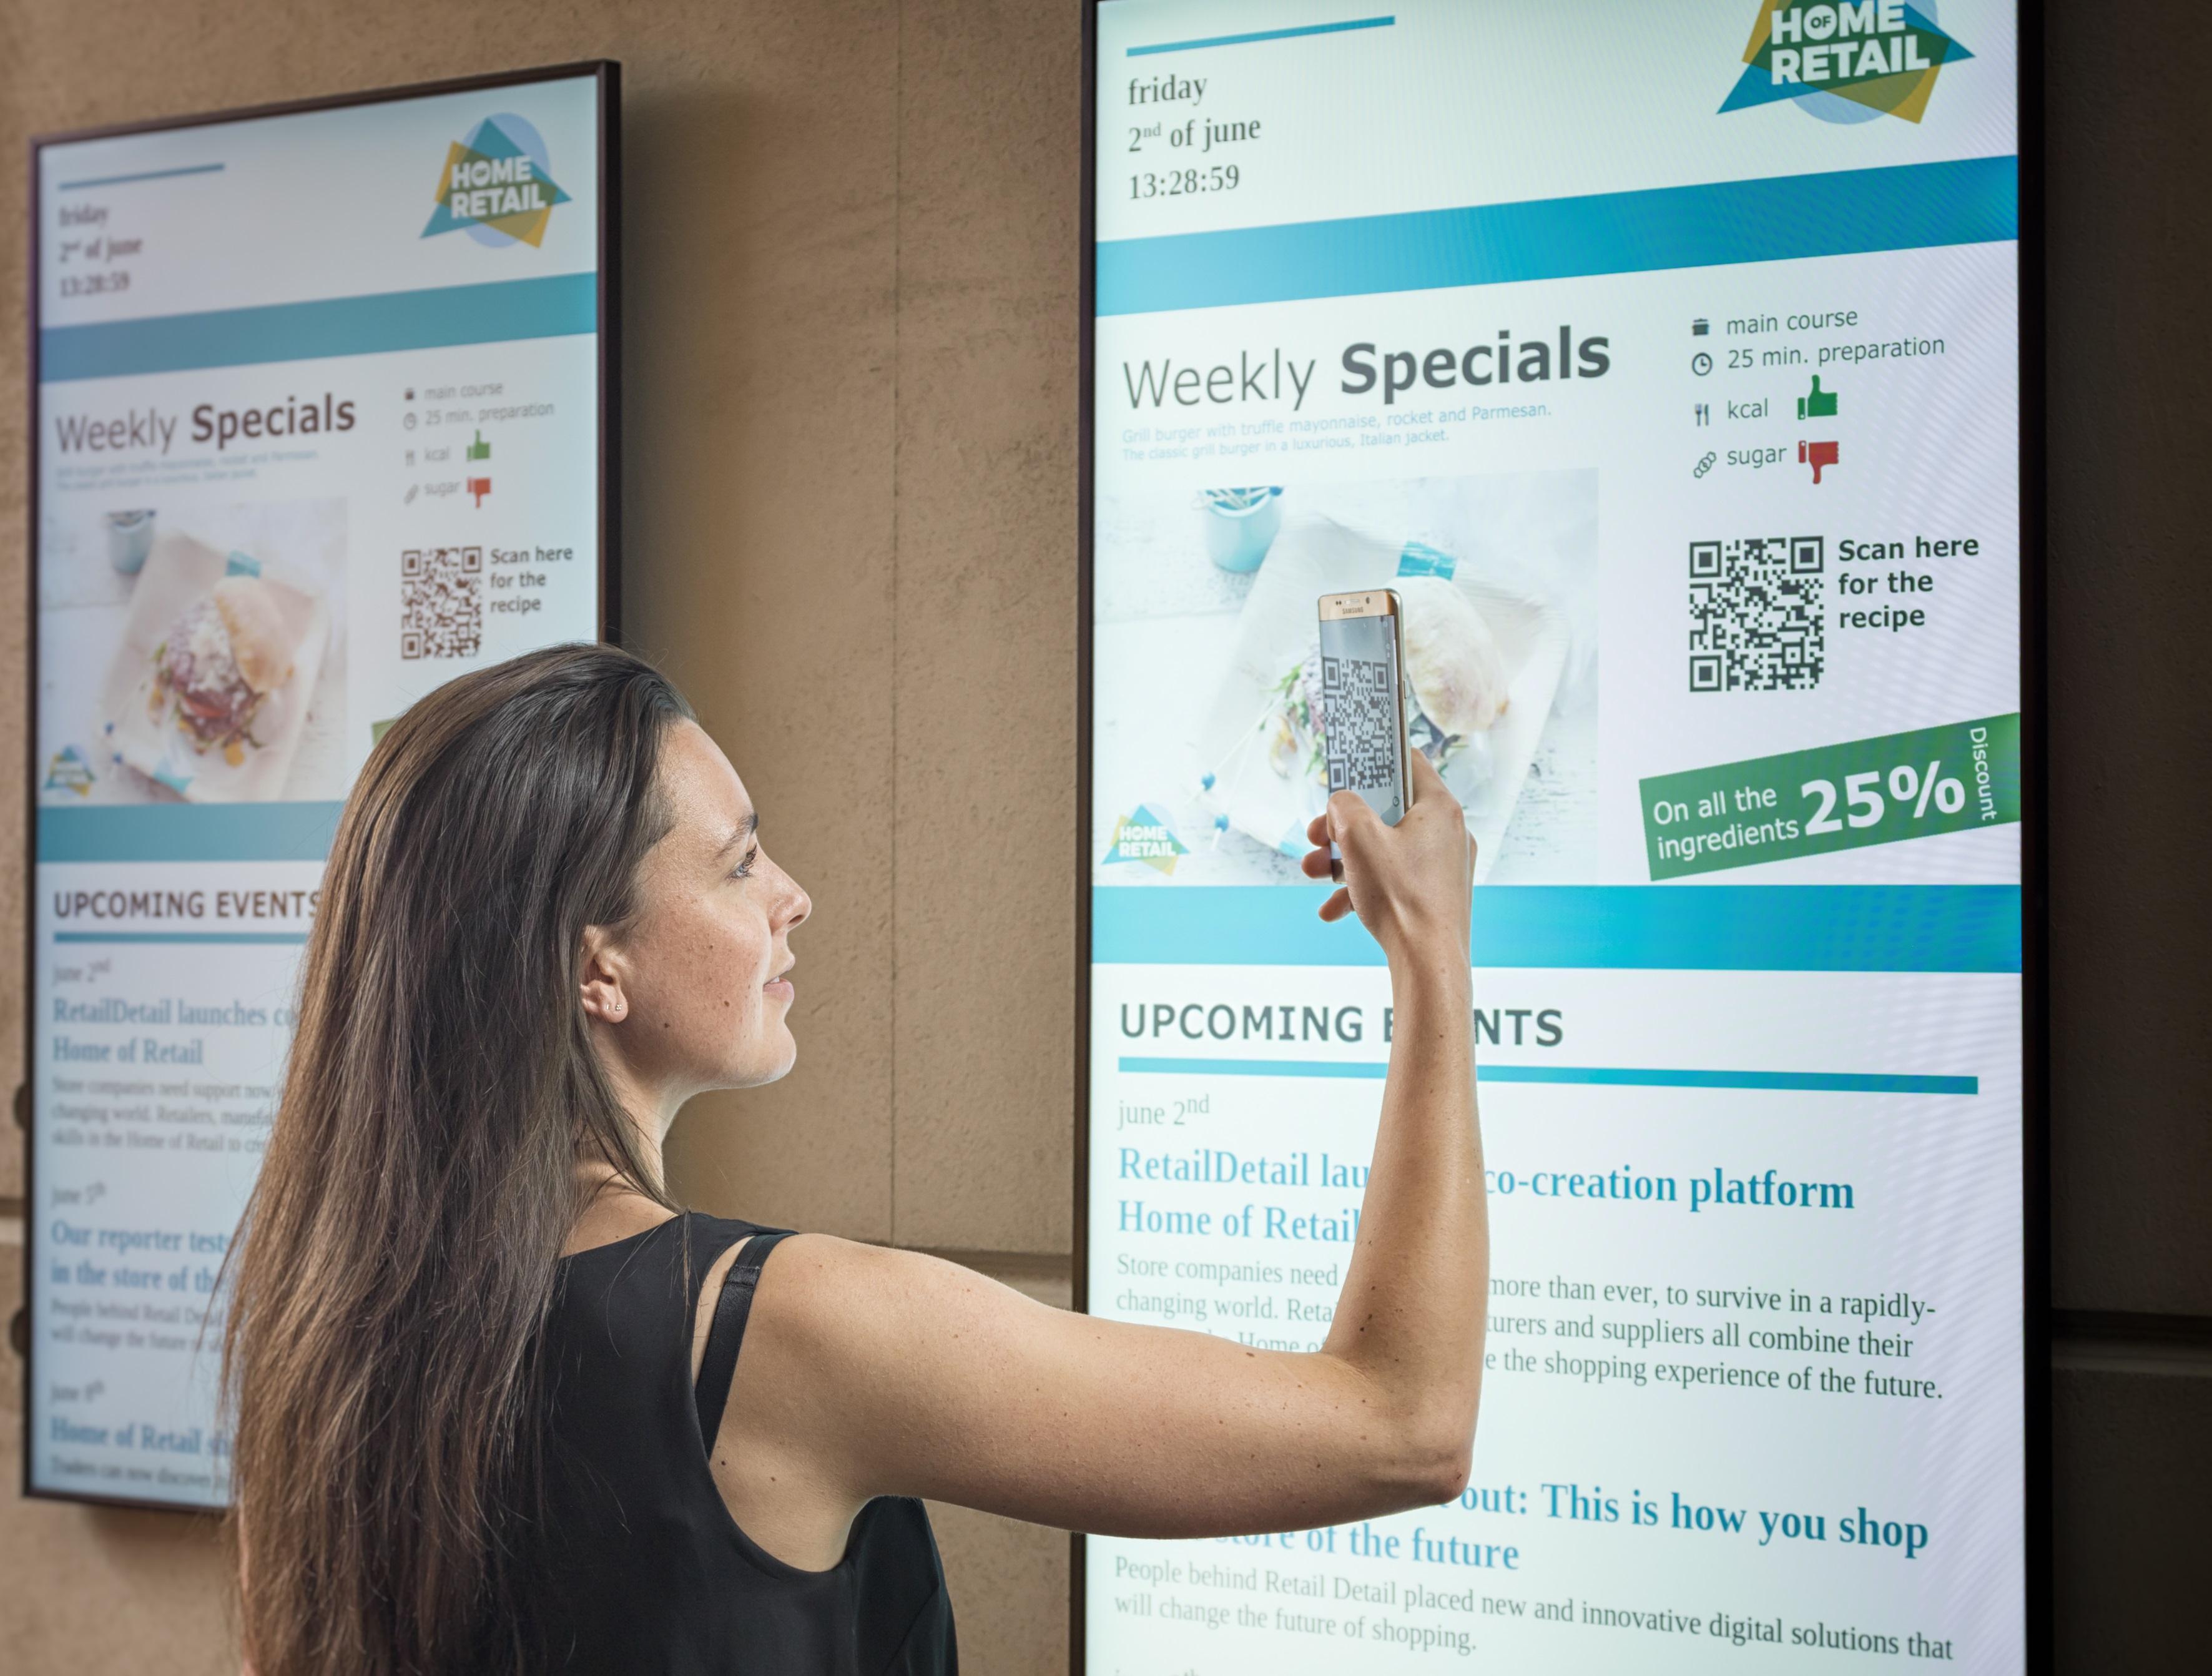 Technologische Ontwikkelingen Koelkasten : Grote achterstand supermarkten in technologische snufjes